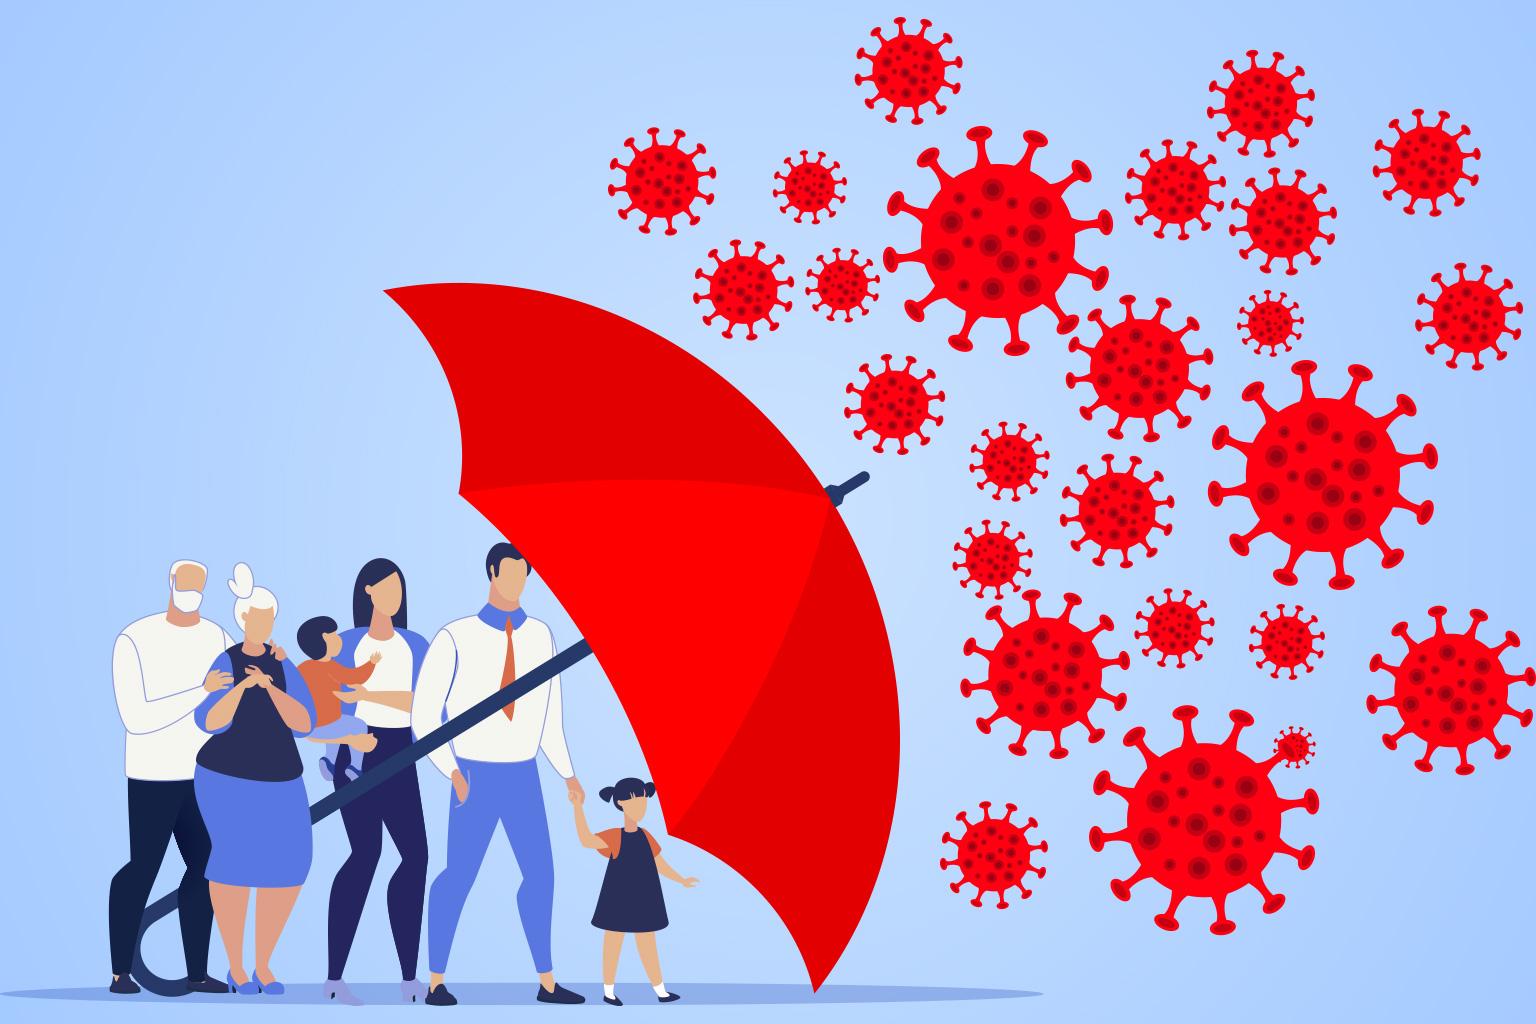 Regione Lombardia: Indicazioni regionali sulle politiche attive in ottemperanza alla normativa nazionale in materia di contenimento e gestione dell'emergenza epidemiologica da COVID-19